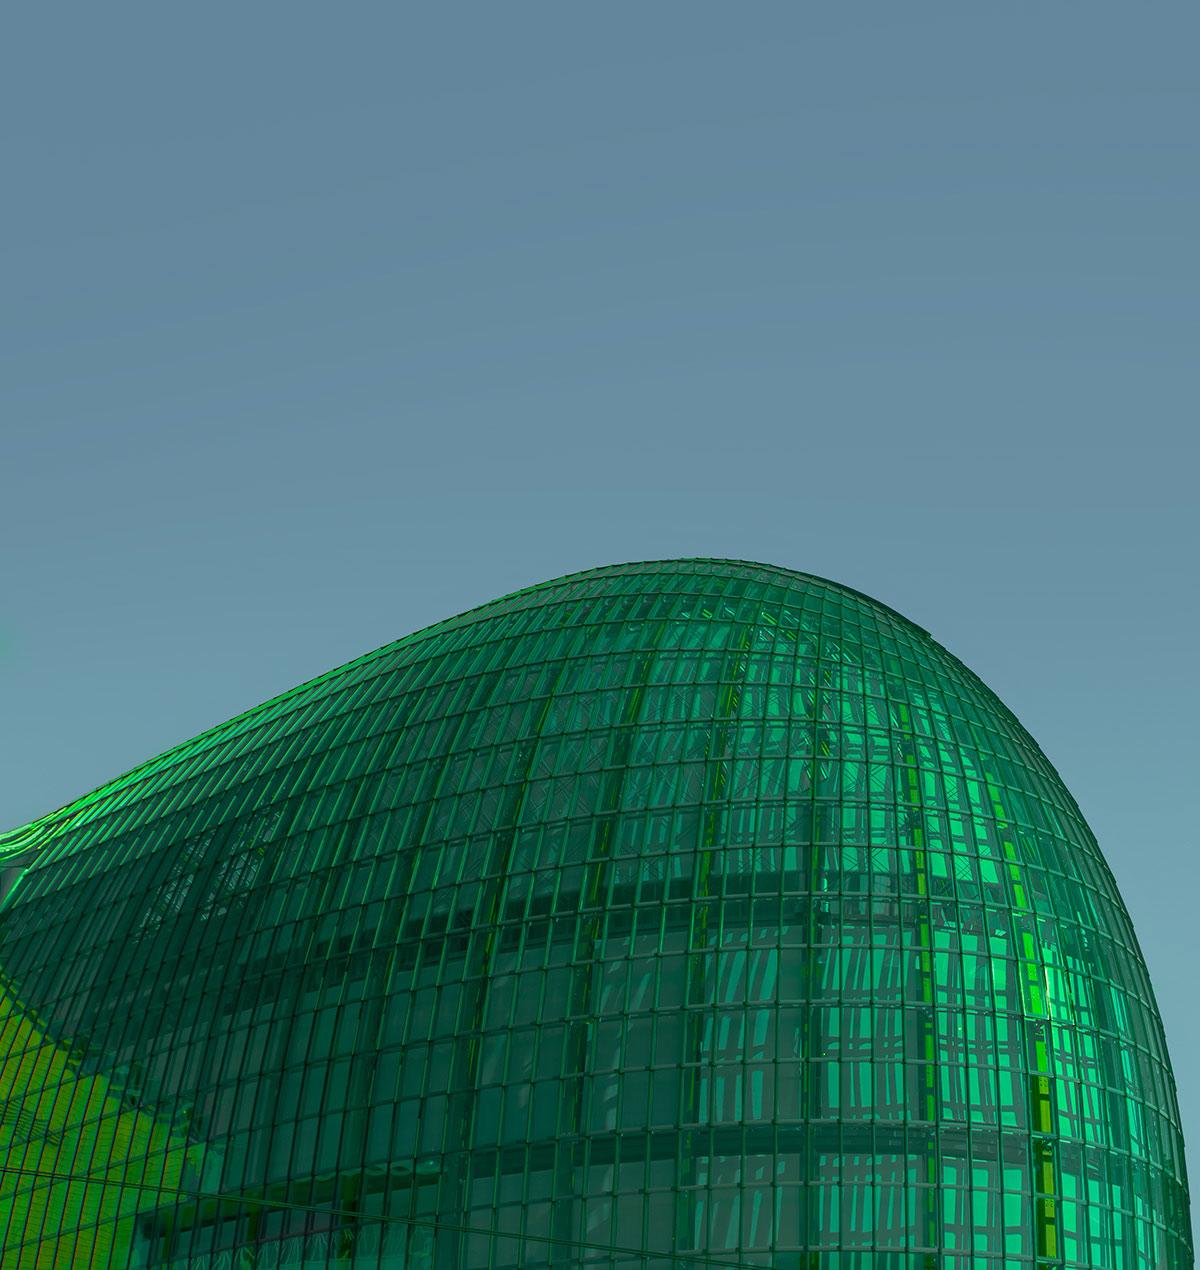 Vista exterior de un edificio verde.